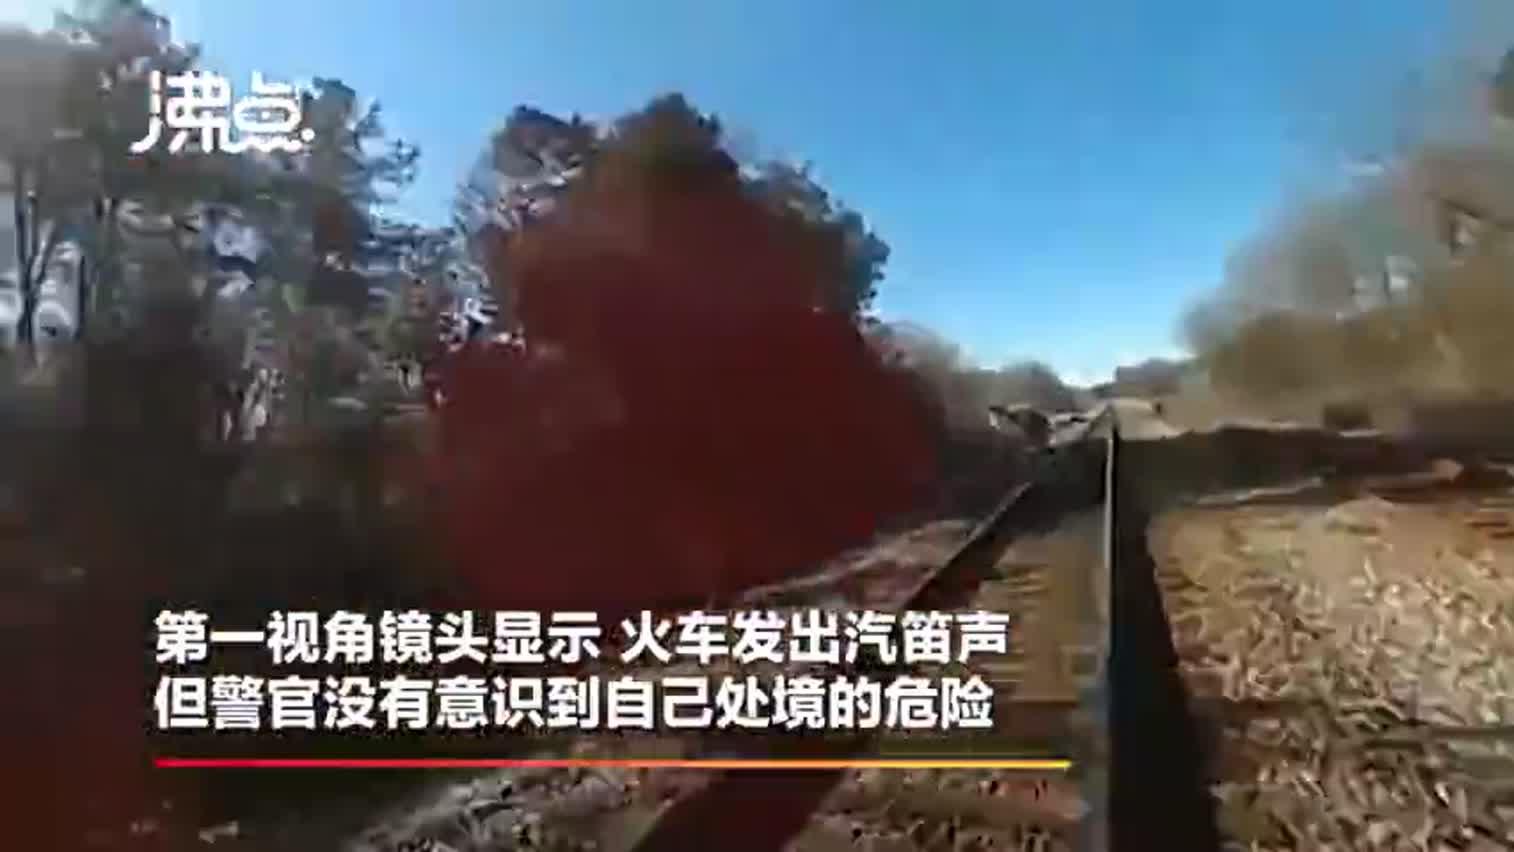 视频-美国警察追捕嫌犯被火车撞飞 第一视角拍下惊